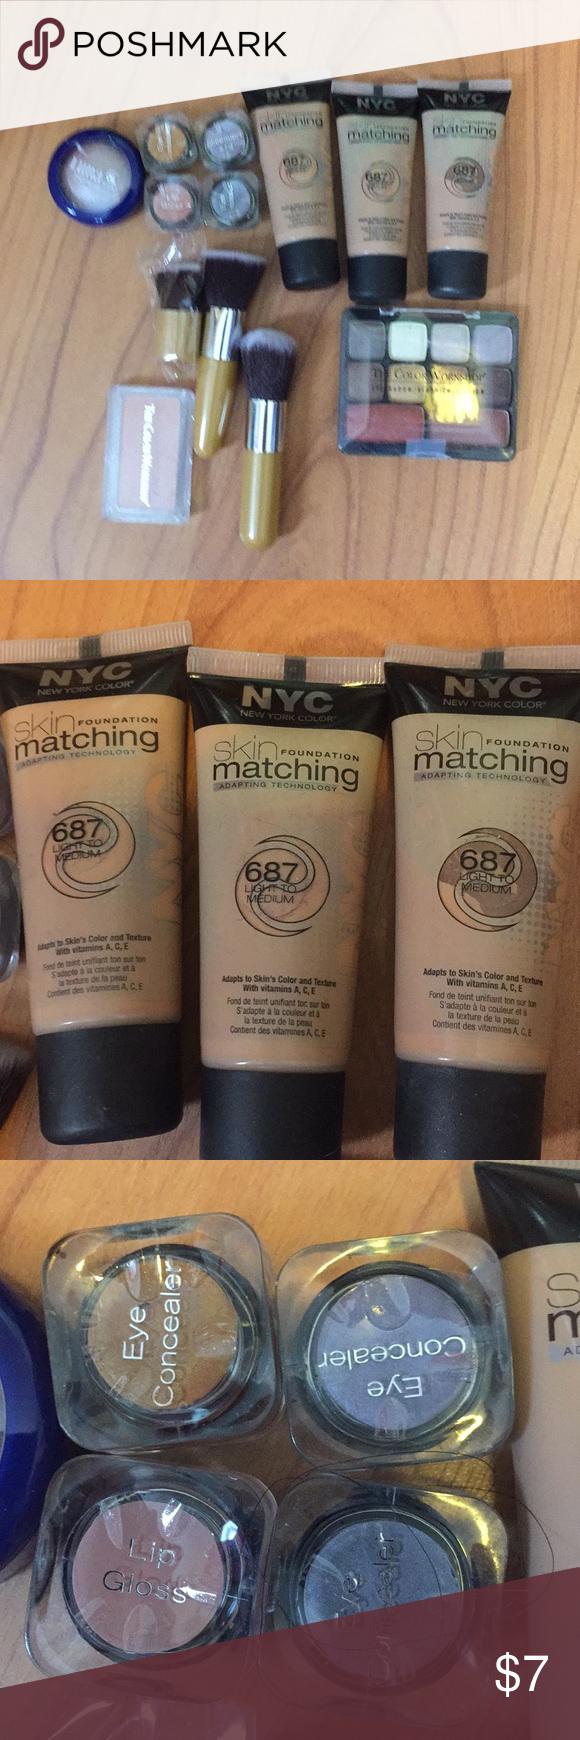 Makeup bundle light/ medium NYC foundation CHEAP Make up